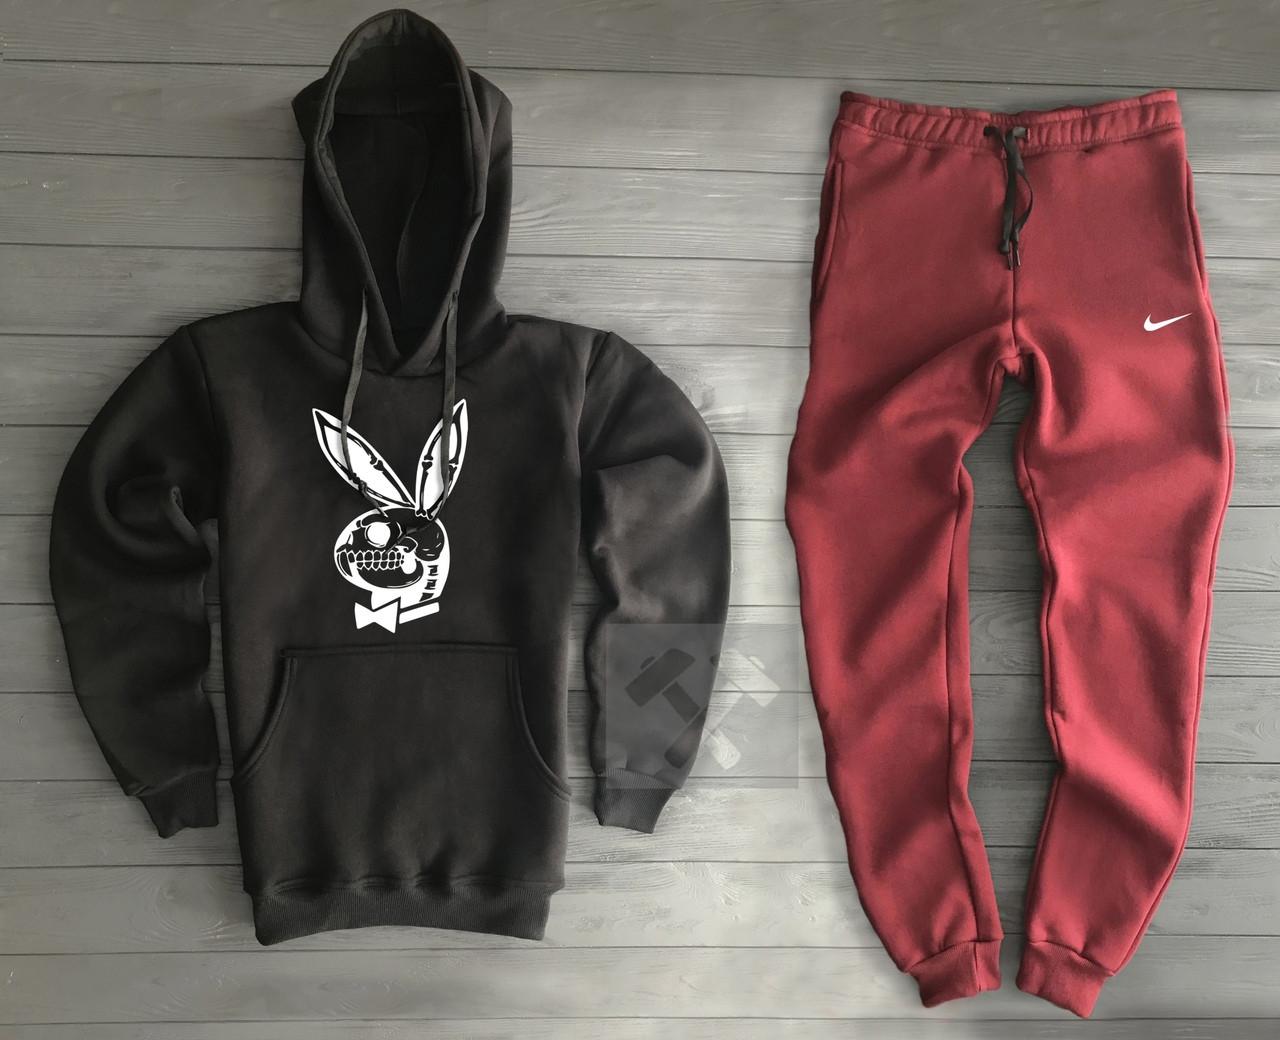 9bead52f93a63 Костюм спортивный Nike черно-бордового цвета с капюшоном топ реплика, цена  760 грн., купить в Киеве — Prom.ua (ID#837024264)